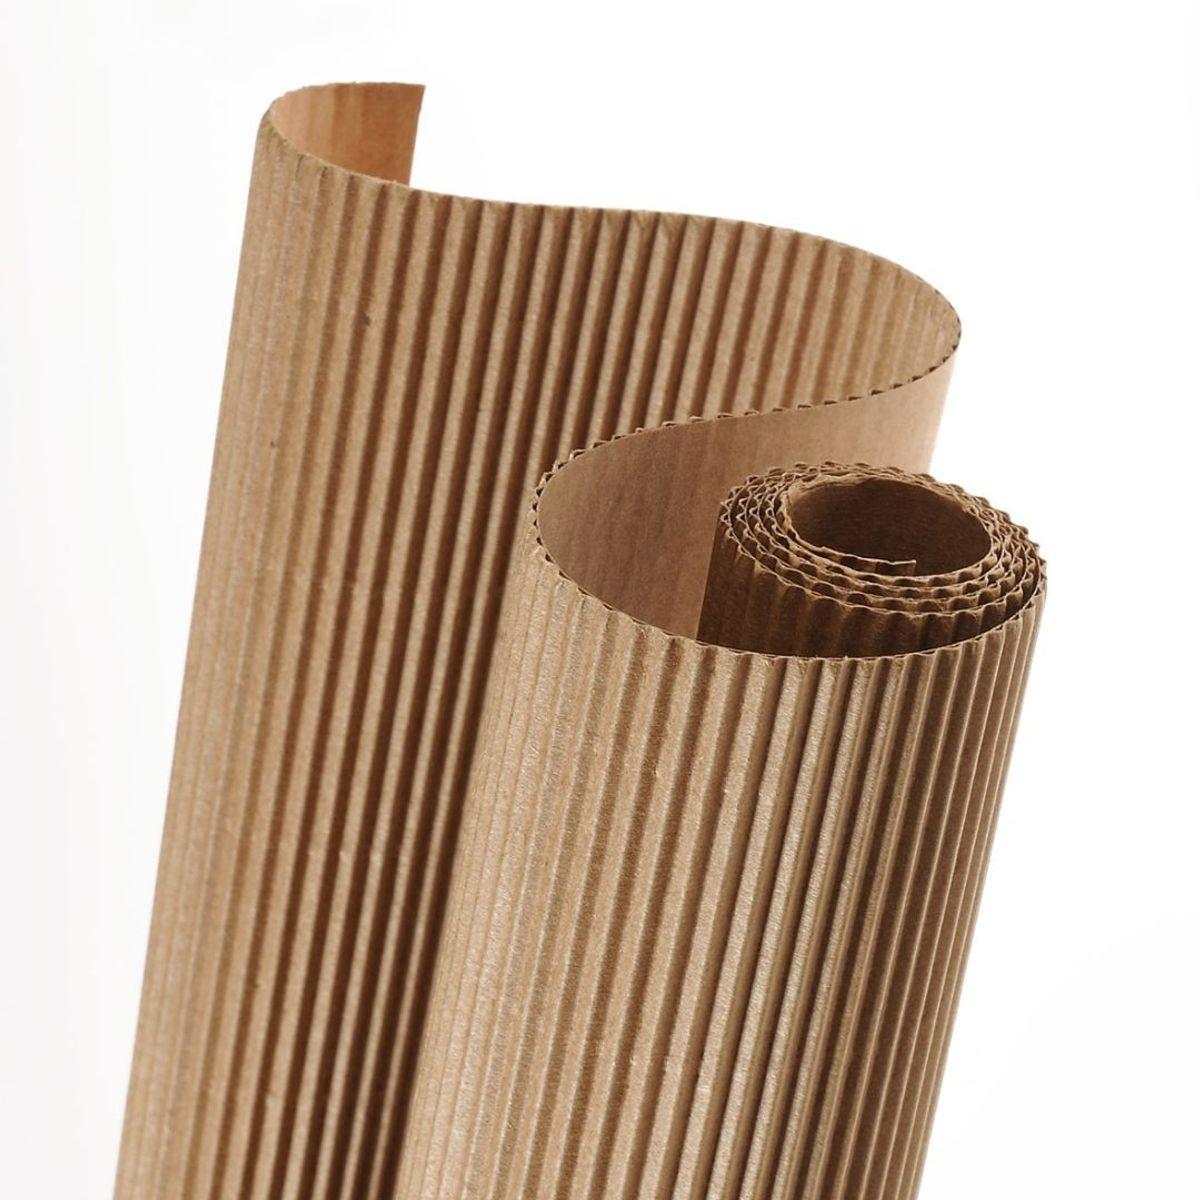 corrugated cardboard paper roll 300g 50x70 cm brown. Black Bedroom Furniture Sets. Home Design Ideas